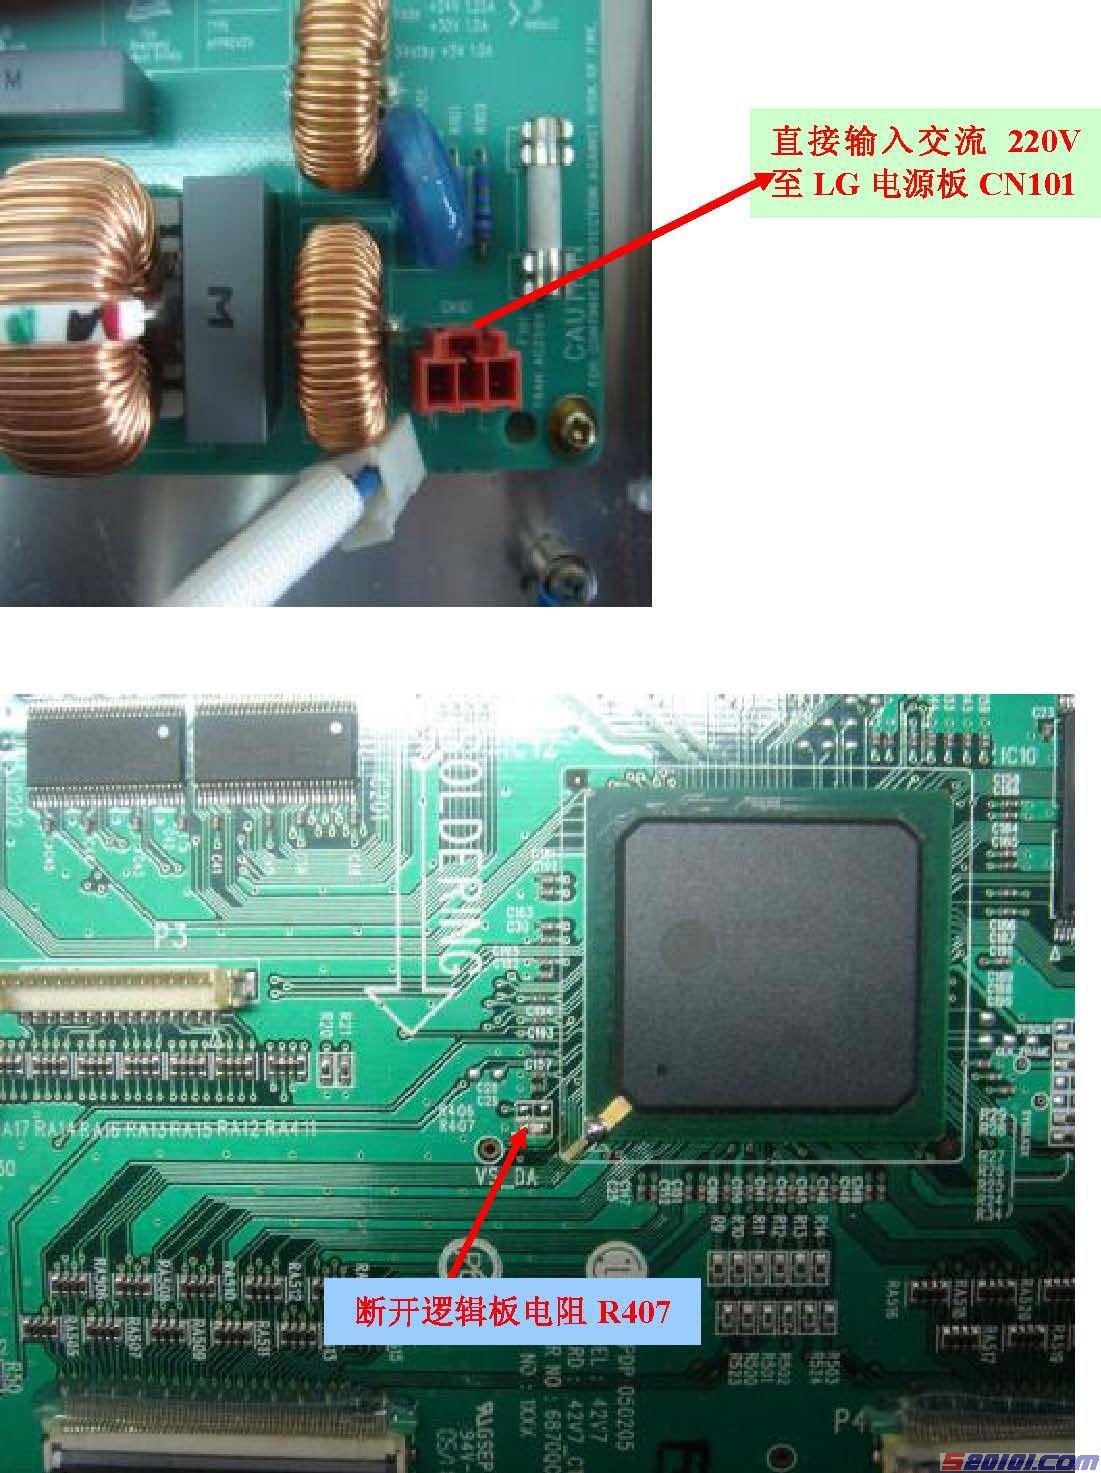 三星V2 屏自检方法 取消长虹生产全部电路板,将电源板上插座CN802 3,4 短接,(CN802 第4 脚POWERON/OFF 接地),该信号来自主板CPU 输出的二次开机控制信号,短路该脚后相当于用户按下开/关机键;  将逻辑板上拨动开关SW2001 由原来的外部模式(1、2、4 上,3 下)拨动为内部模式(自检模式)(1、3 上、2、4 下):  接通电源,看屏是否点亮。如果屏显示全白场信号,说明长虹主板或视频处理板故障,如果屏无显示或者未显示全白场,说明屏及屏组件存在故障。 三星V3 屏自检方法